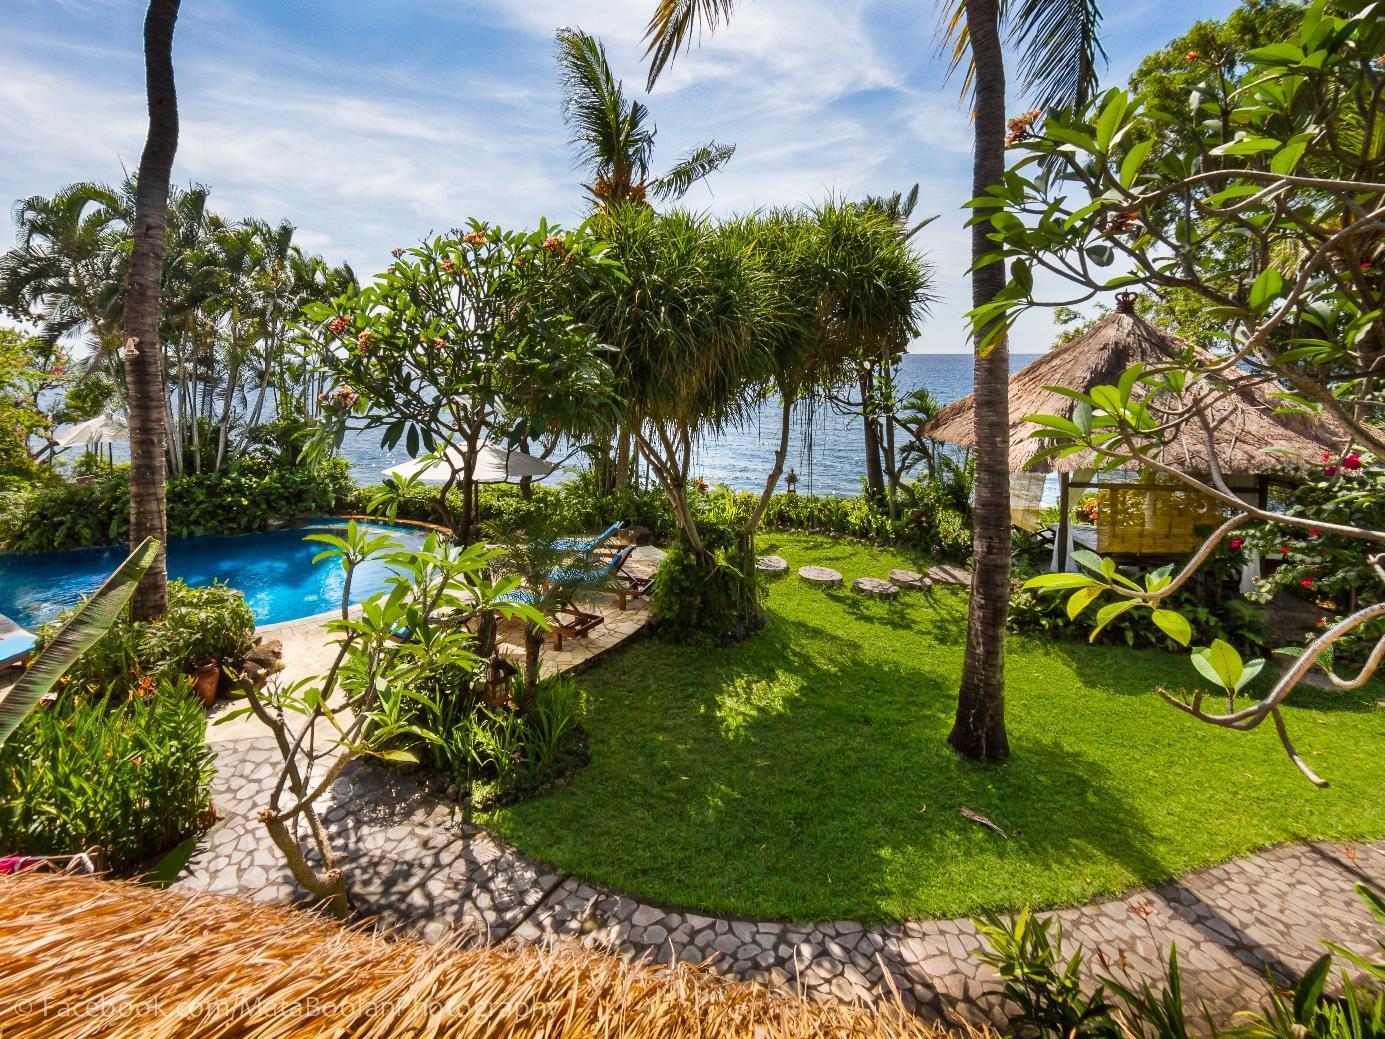 Santai Hotel,Padang Bay Beach